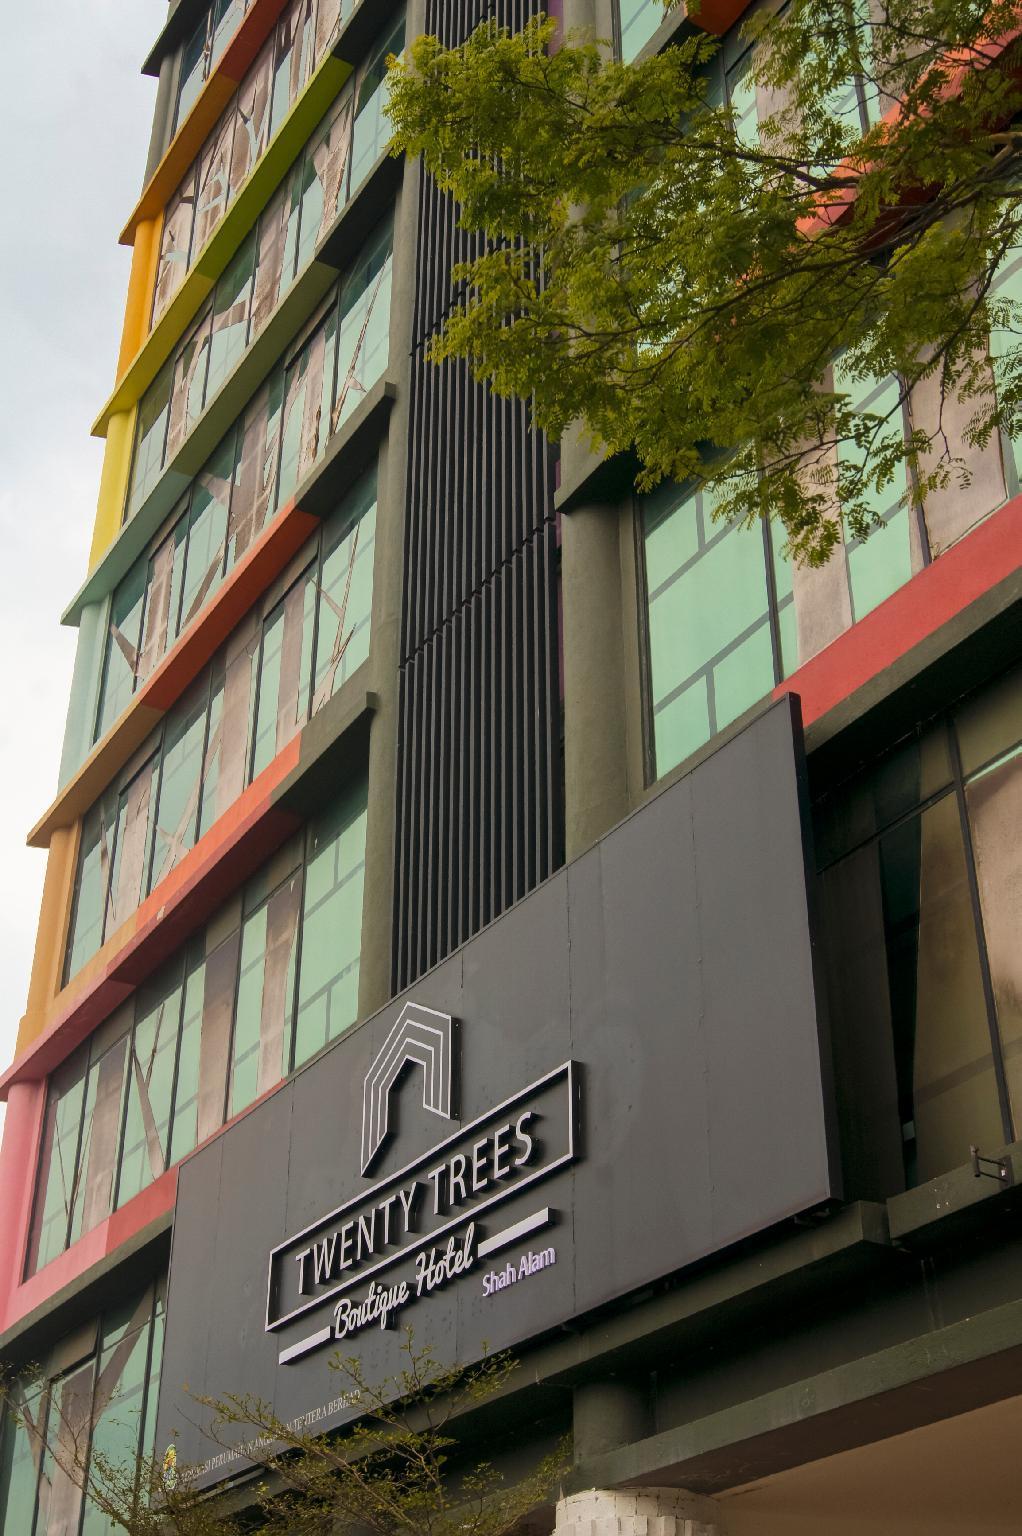 Twenty Trees Boutique Hotel